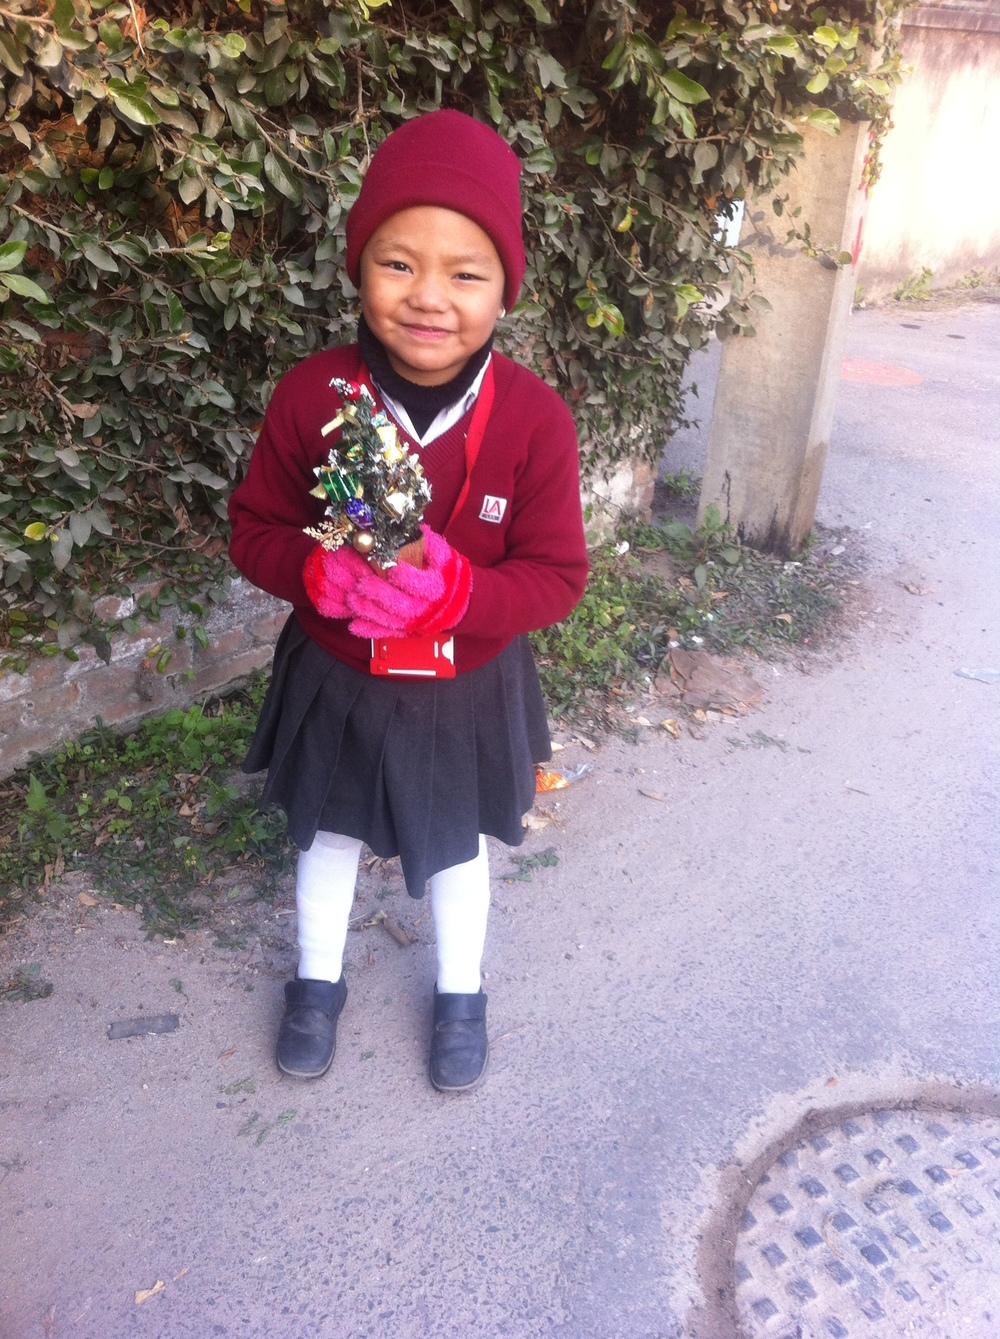 Alisma besucht die Little Angels' School